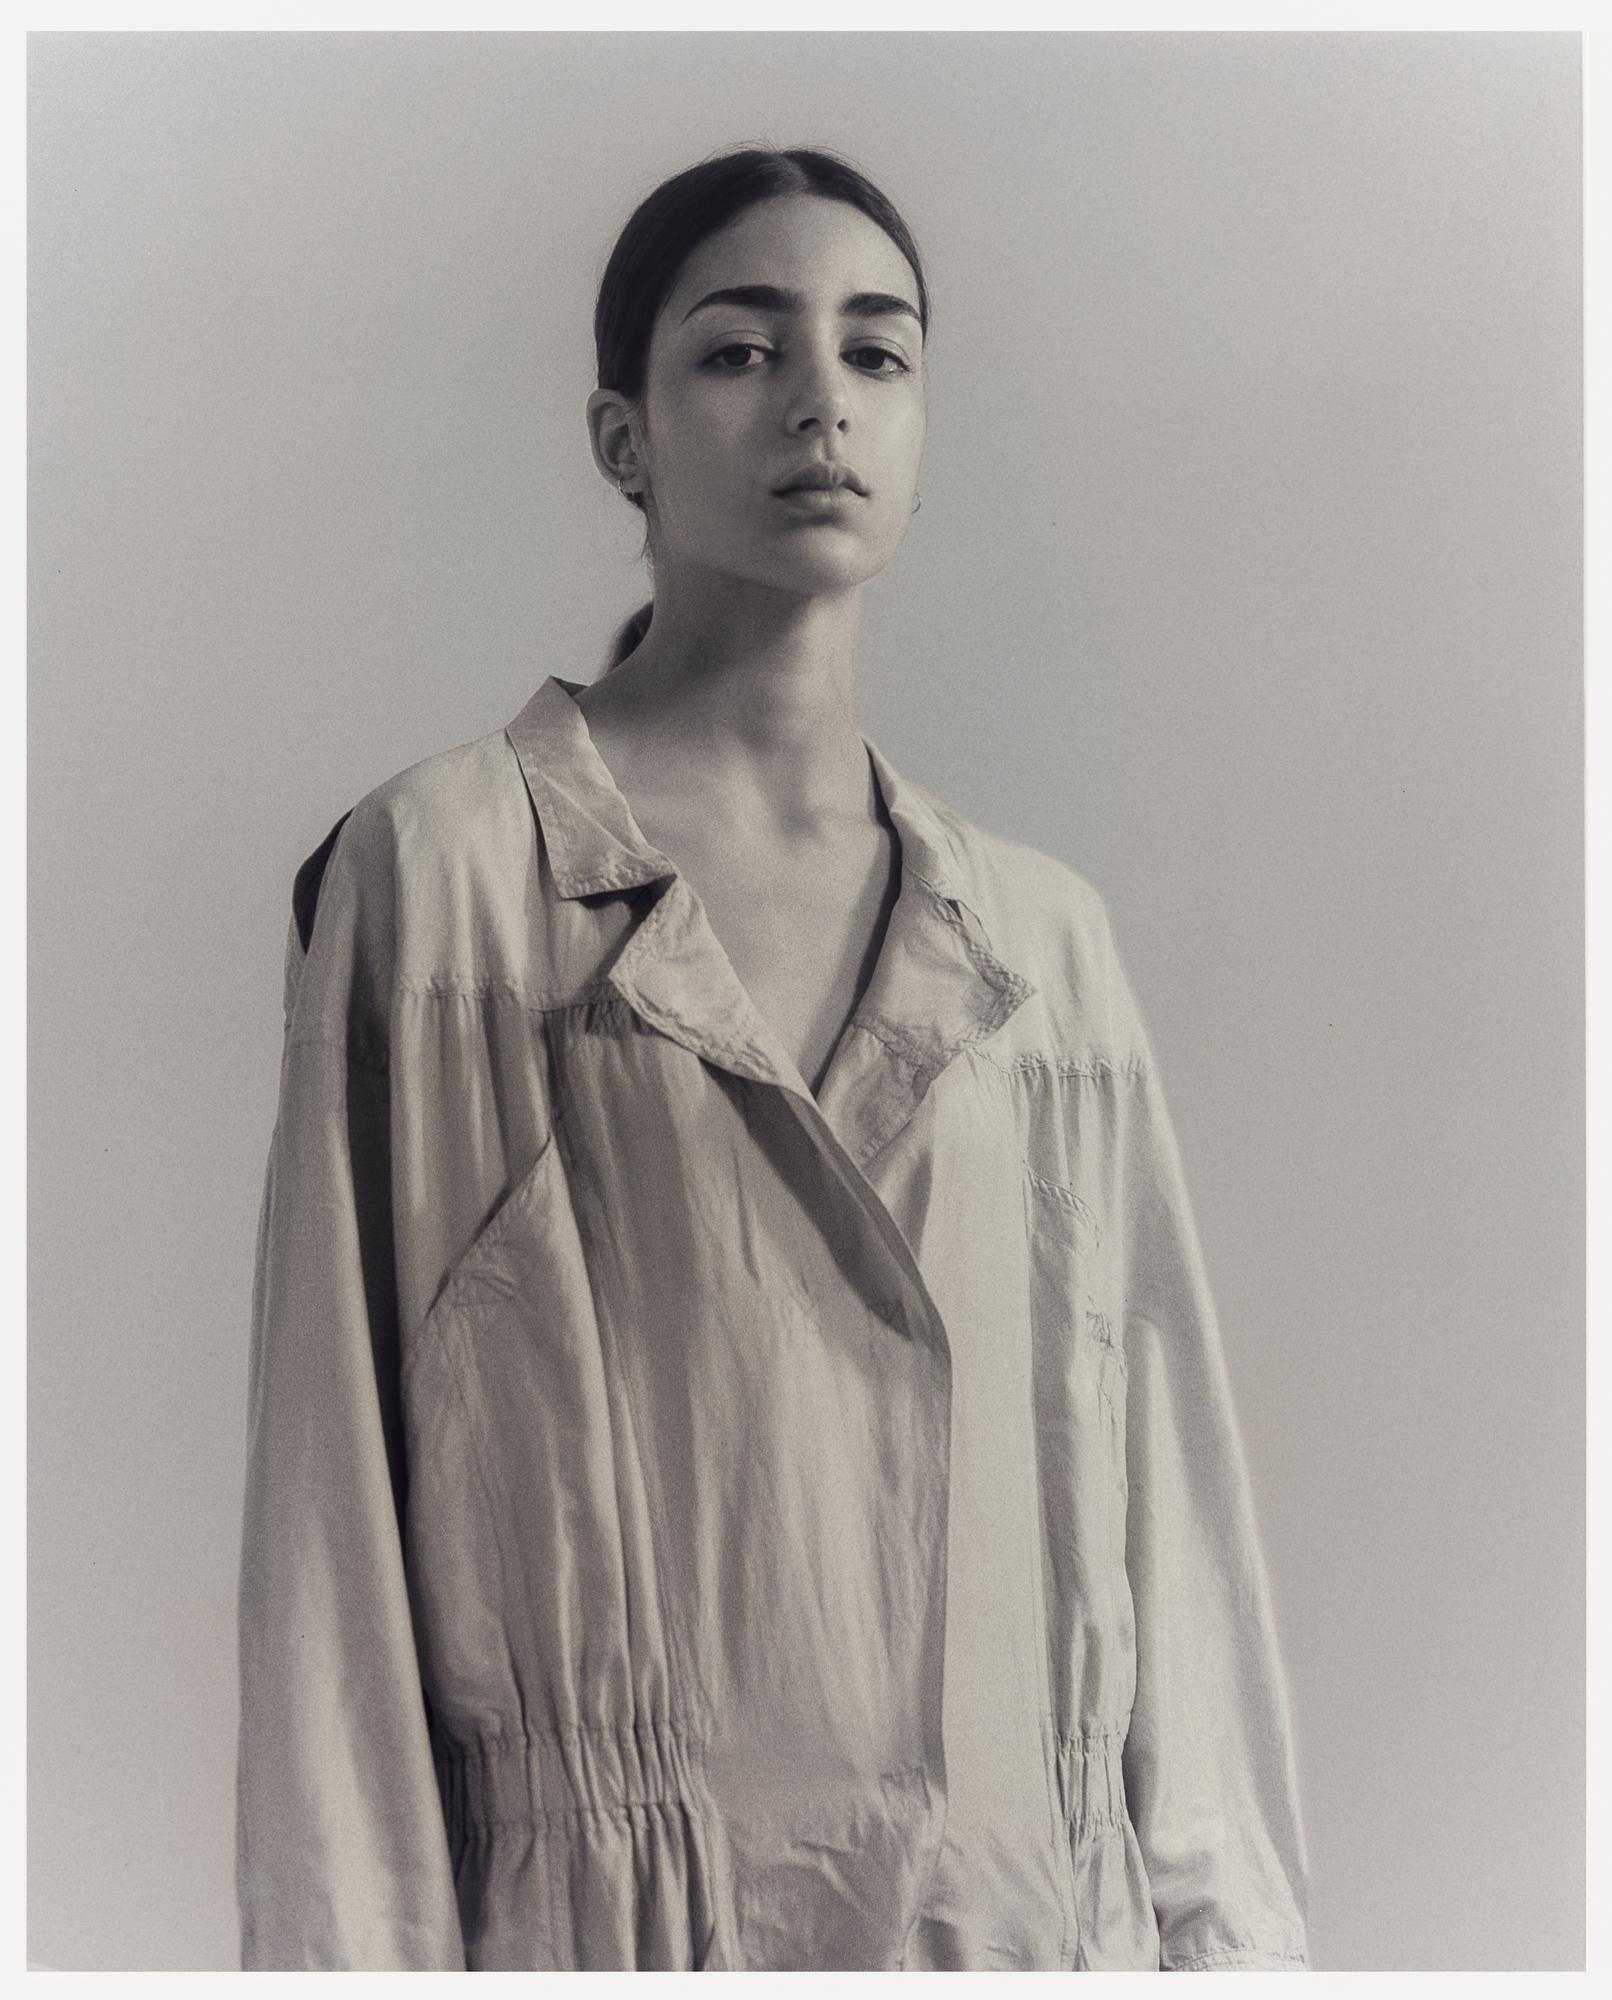 Nora Attal v2 - 03.JPG